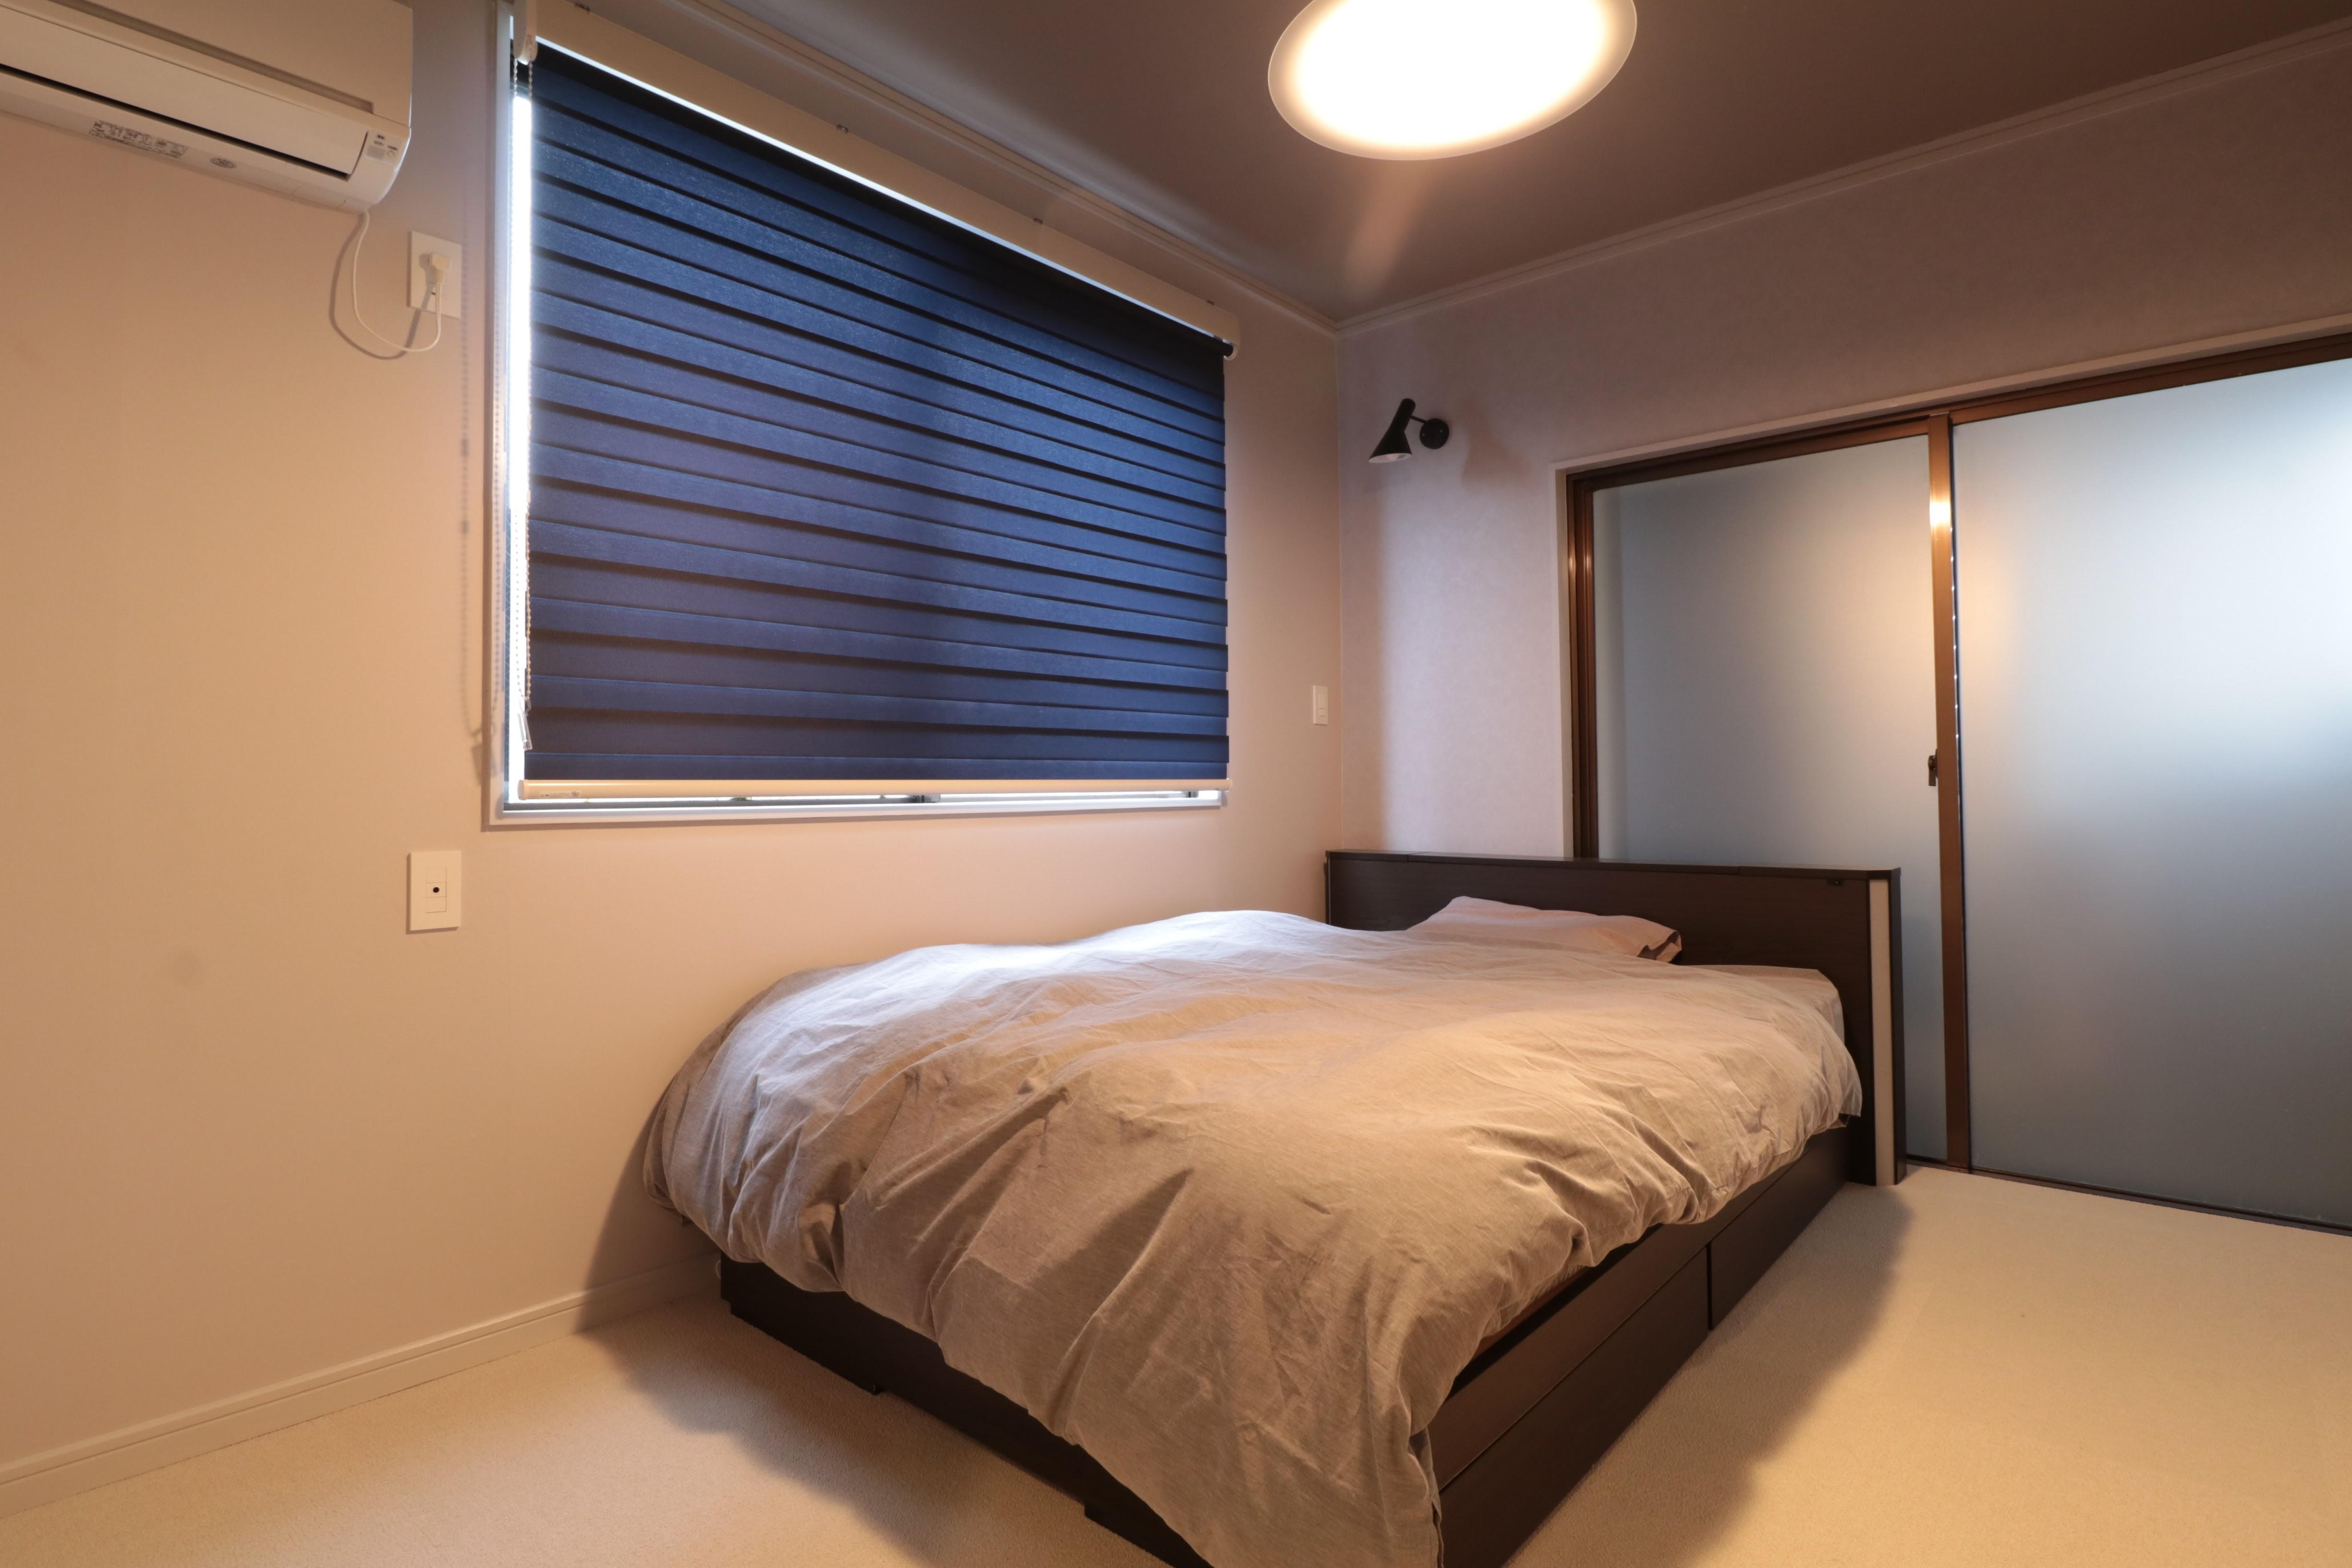 ベッドルーム事例:ベッドルーム(ホテルライクな戸建てリノベ)